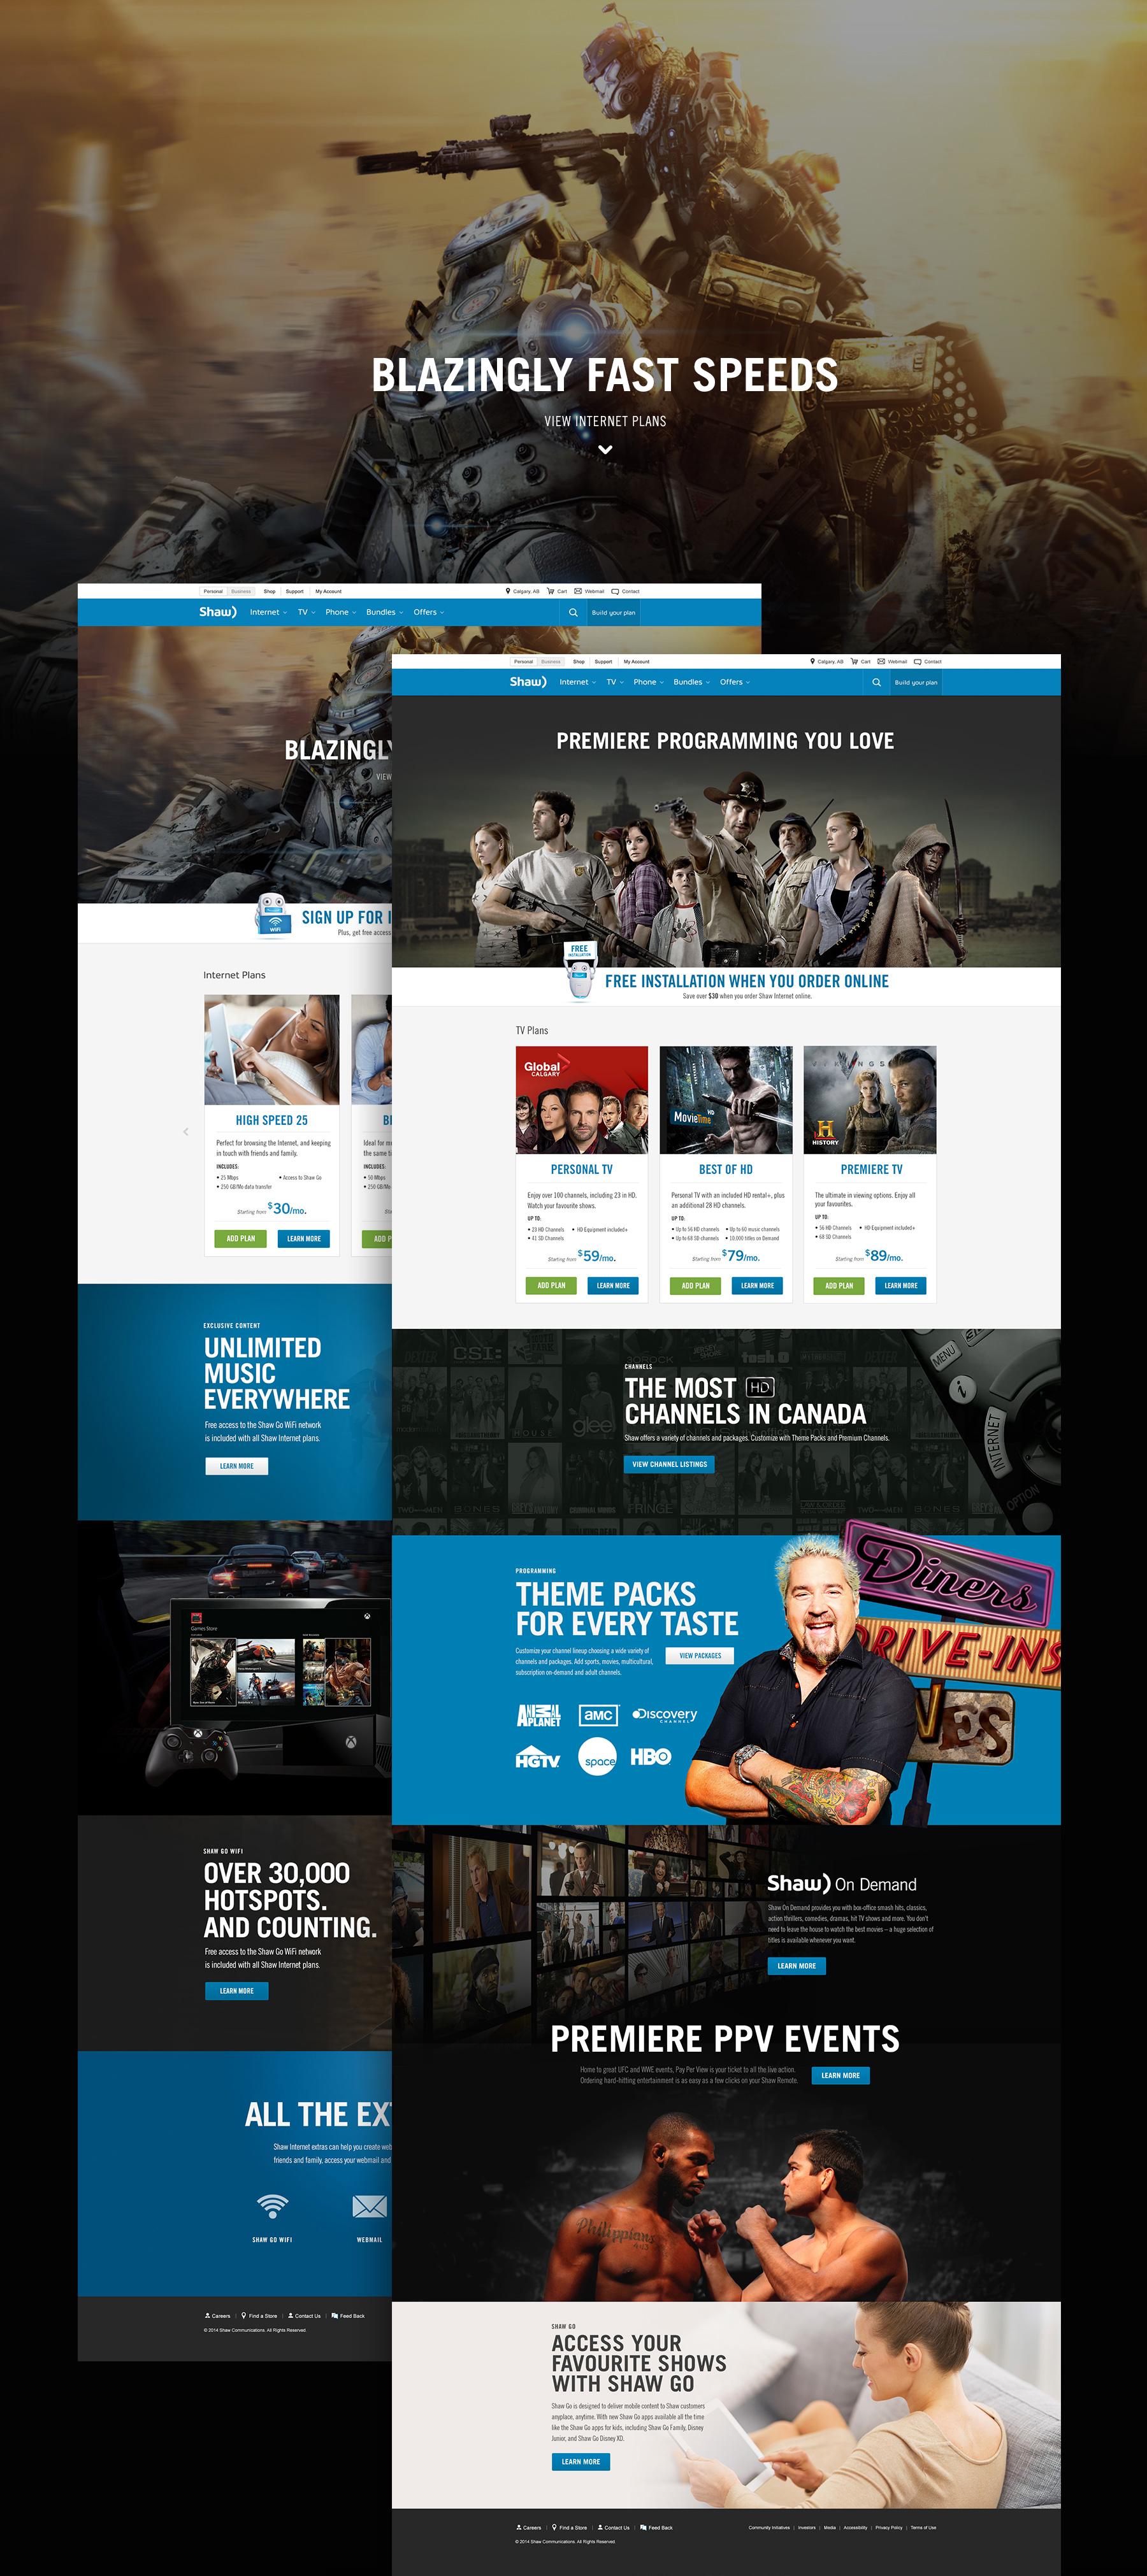 Shaw_DualScreen